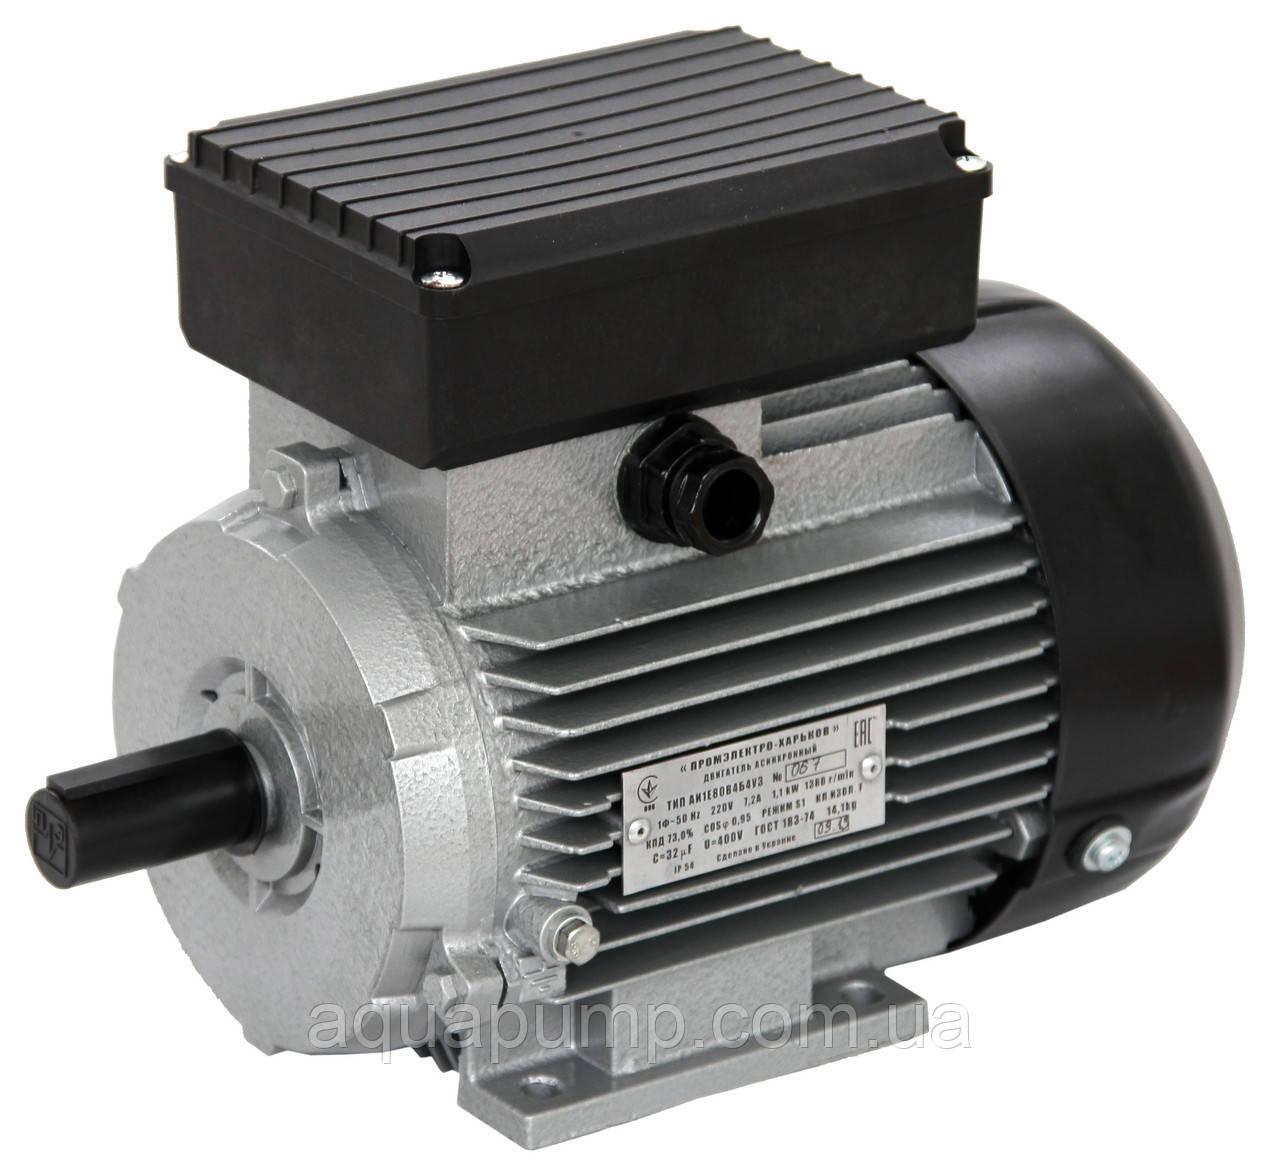 Електродвигун АИ1Е 80 А4 У2 (л)